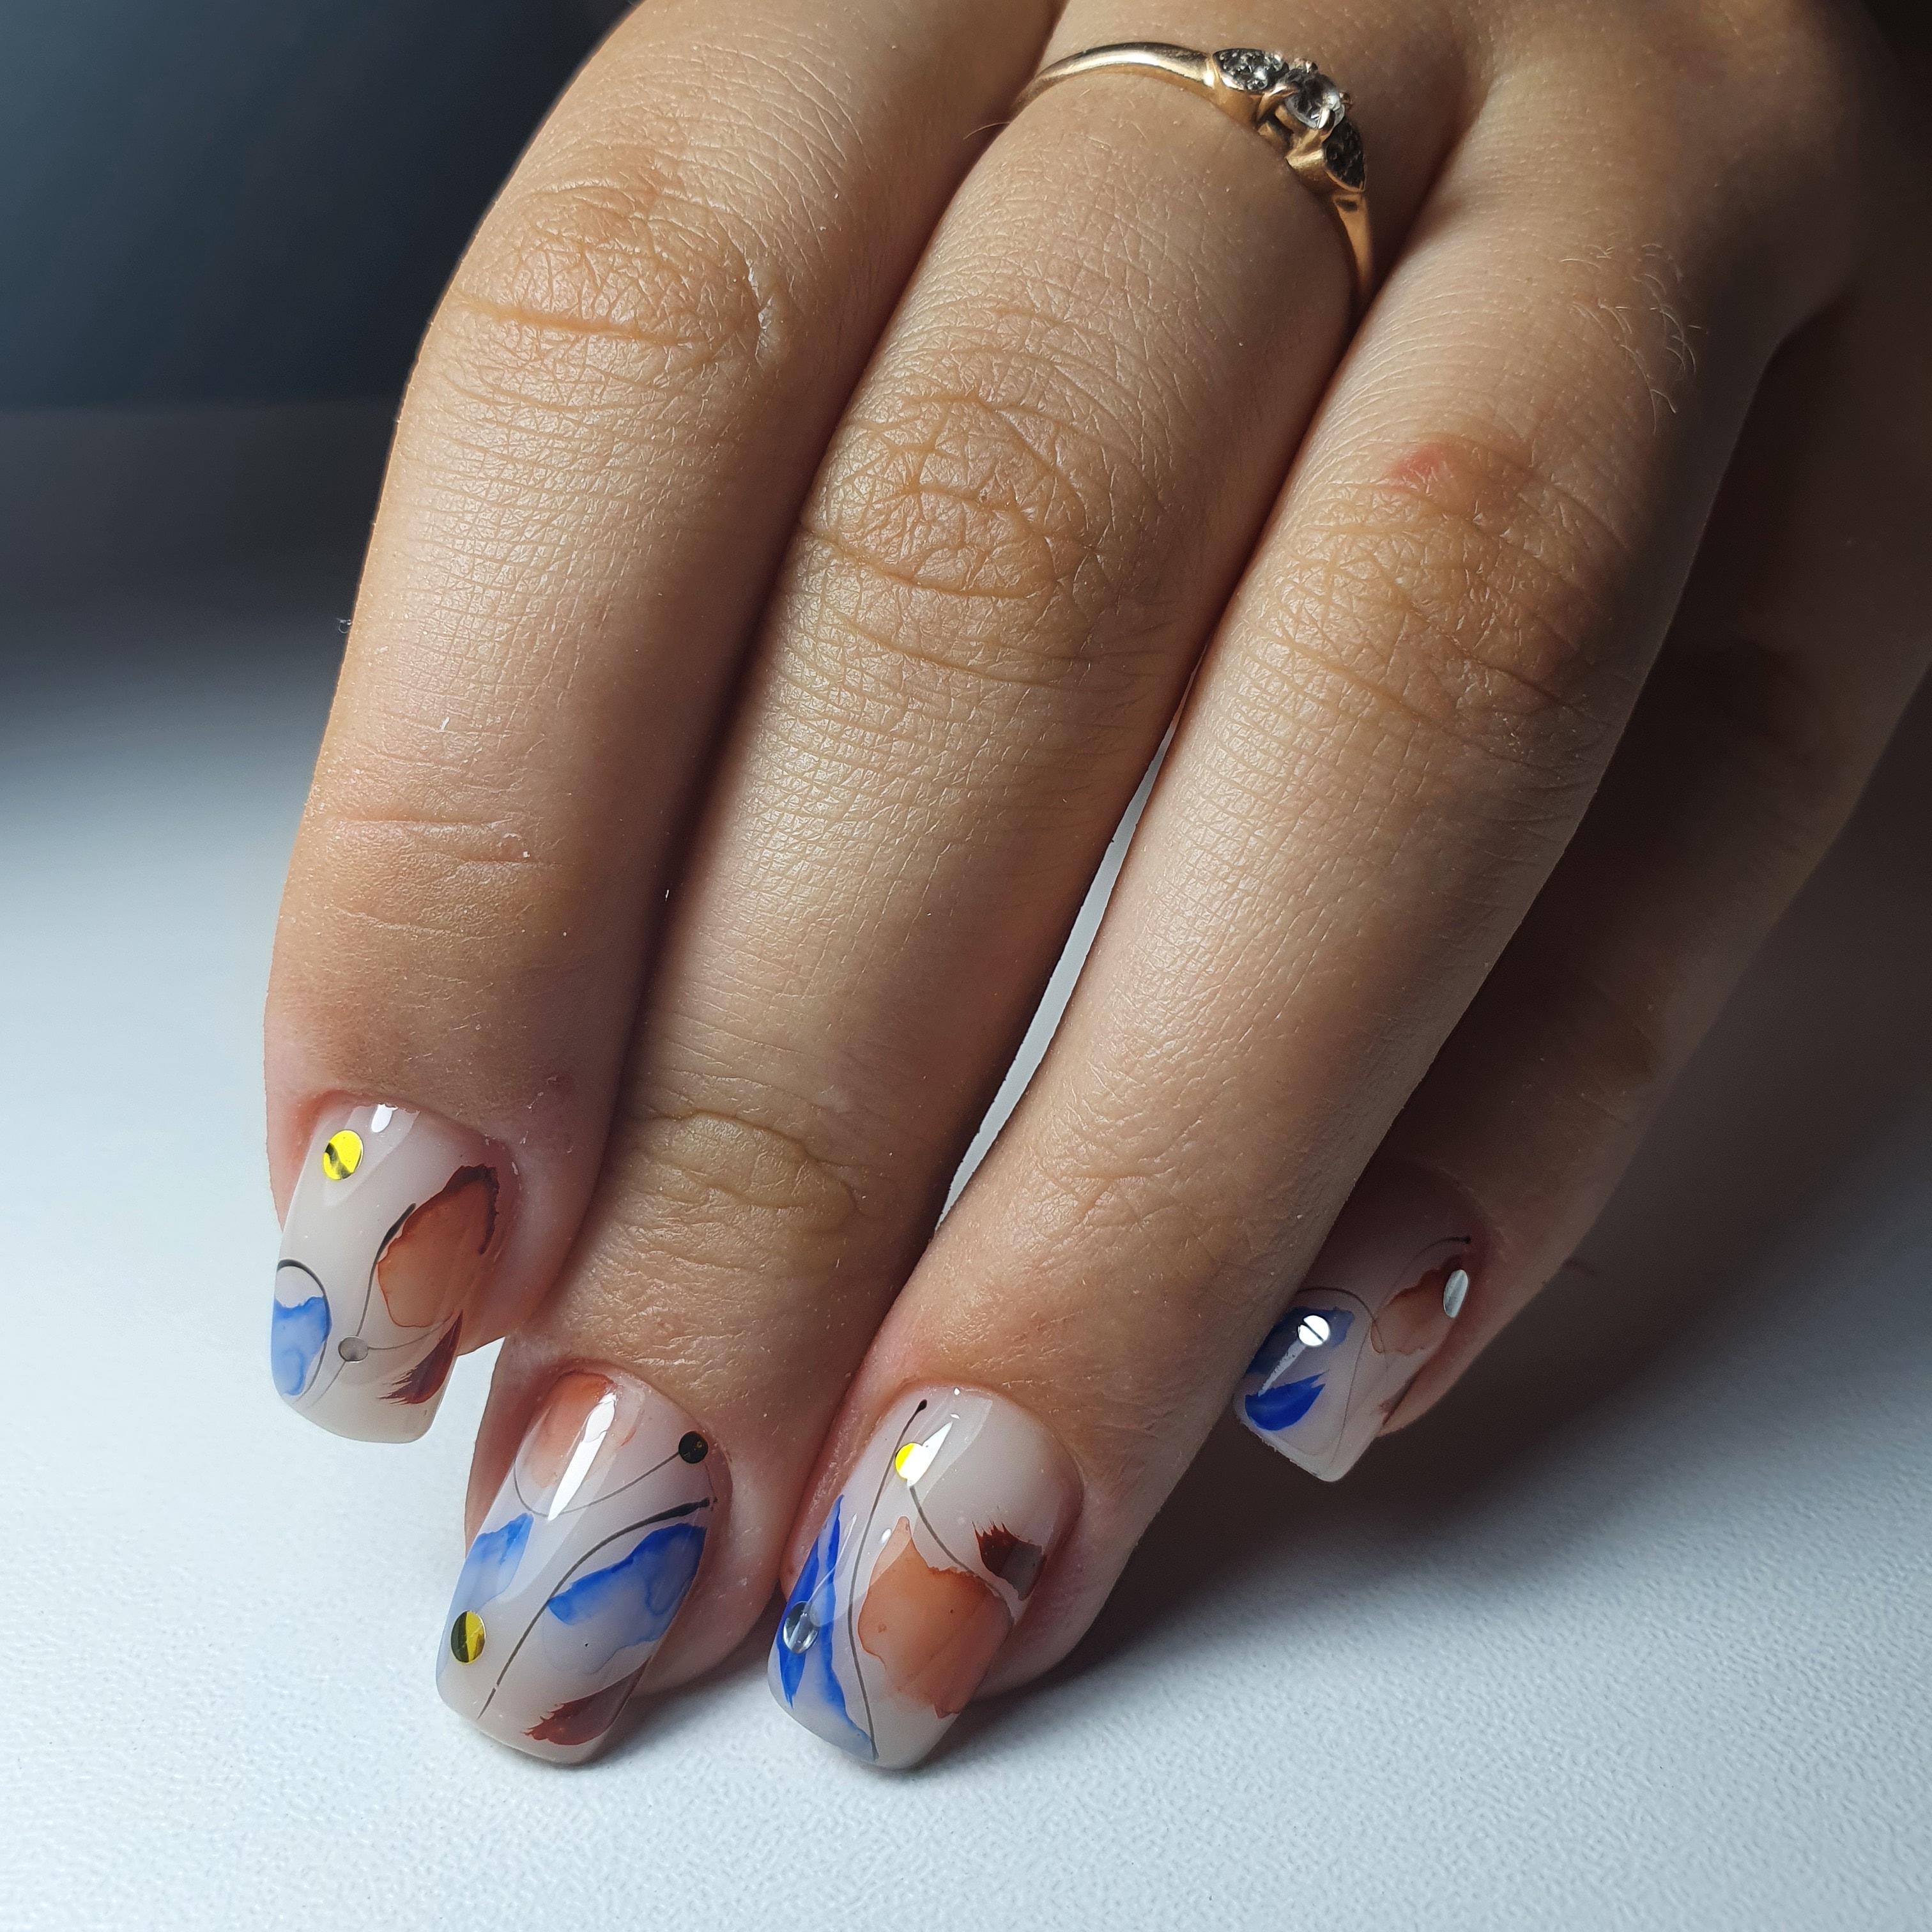 Нюдовый маникюр с акварельным абстрактным рисунком на короткие ногти.